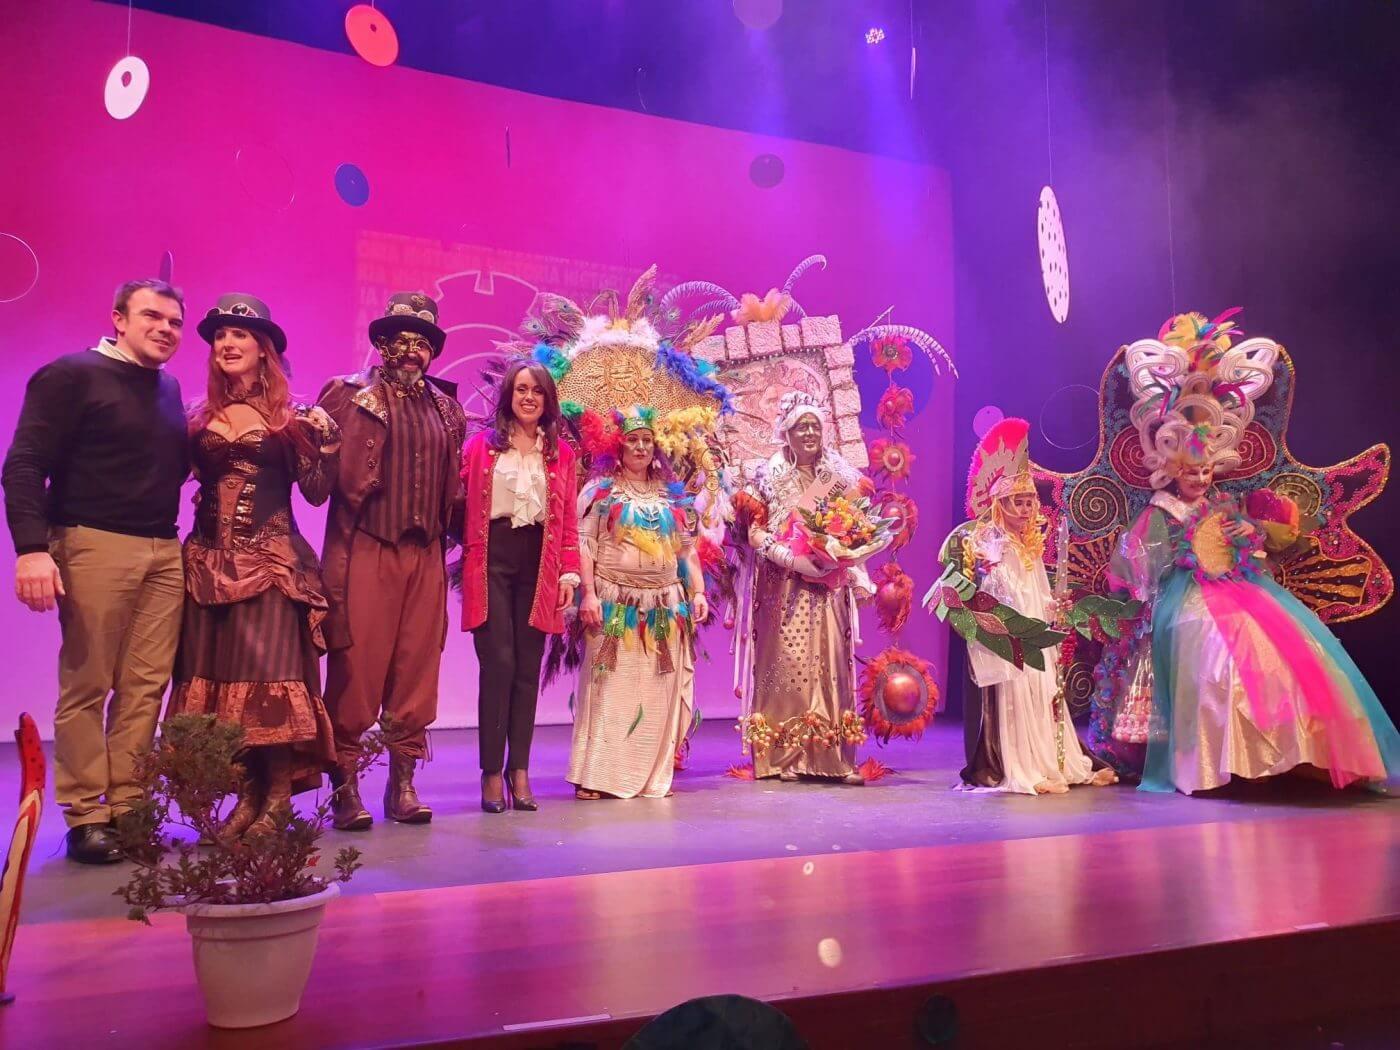 El ayuntamiento de Calahorra aprueba las bases del concurso fotográfico online de disfraces de Carnaval